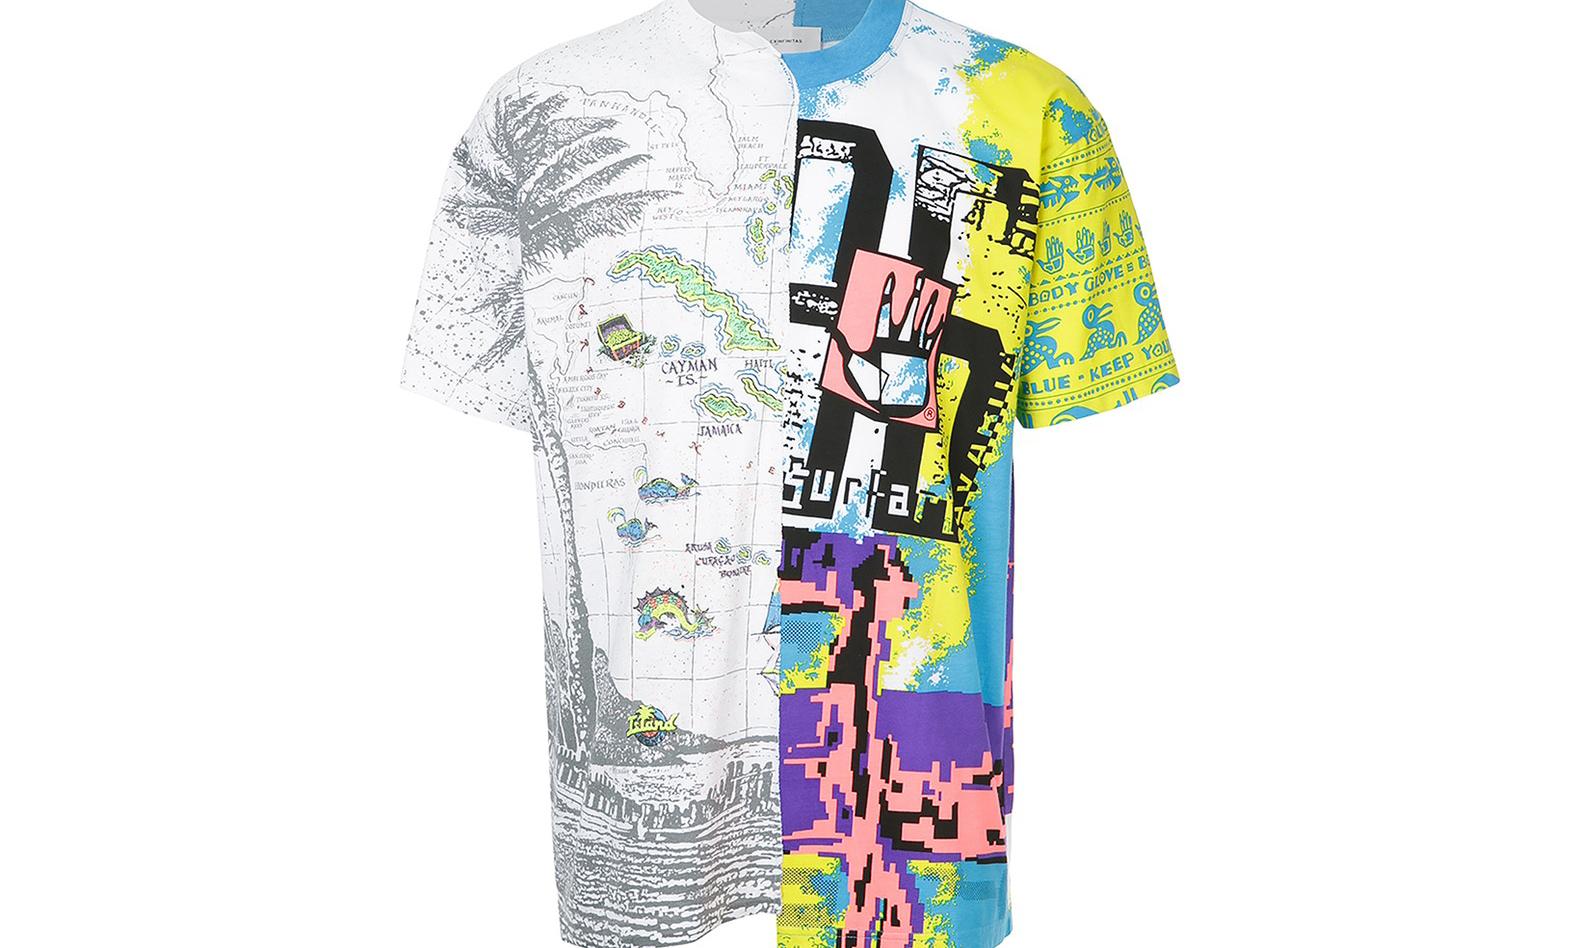 致敬经典冲浪品牌,EX Infinitas 发布全新 T 恤系列